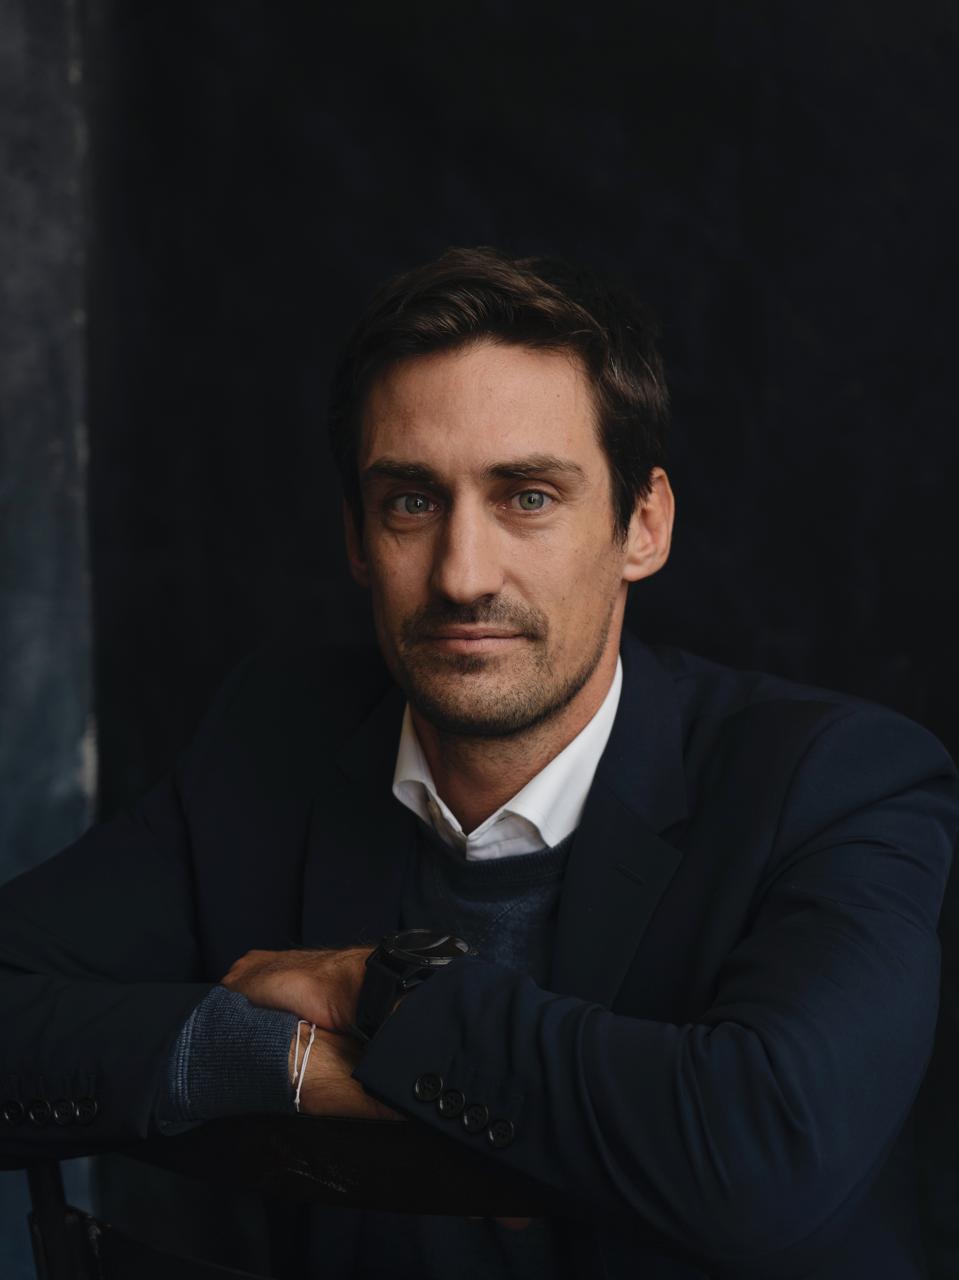 Checkout.com CEO Guillaume Pousaz.